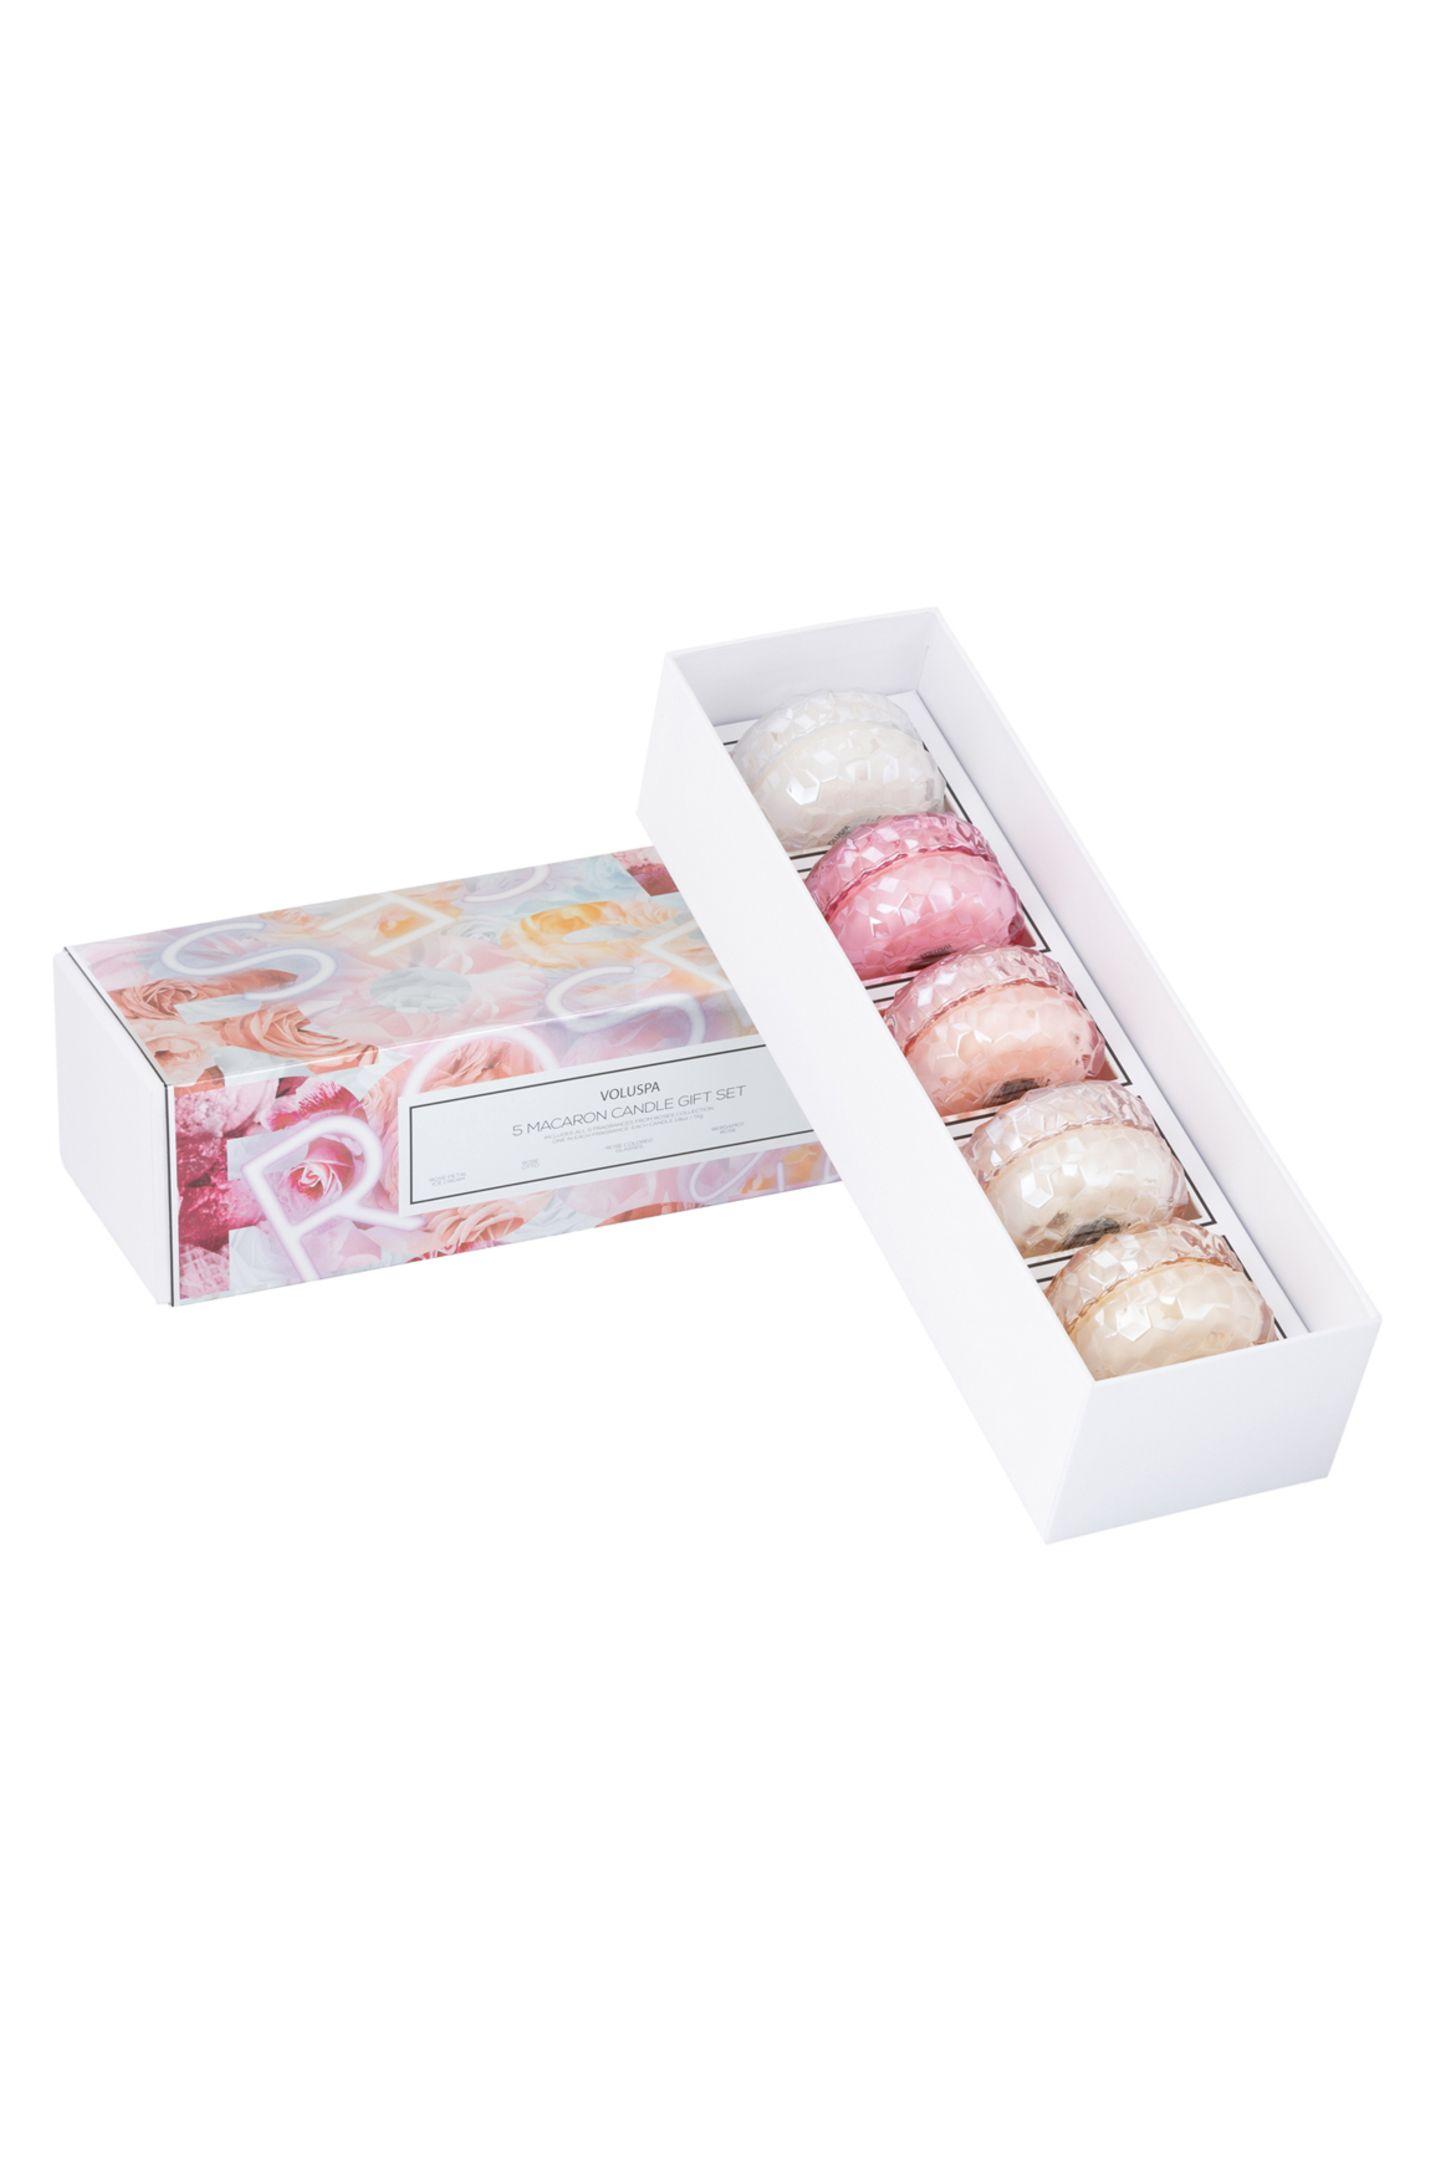 Ihre Mutter liebt Macarons? Dann ist dieses Duftkerzen-Set, bestehend aus fünf handgegossenen Duftkerzen, genau das Richtige. Über WestwingNow, ca. 144 Euro.